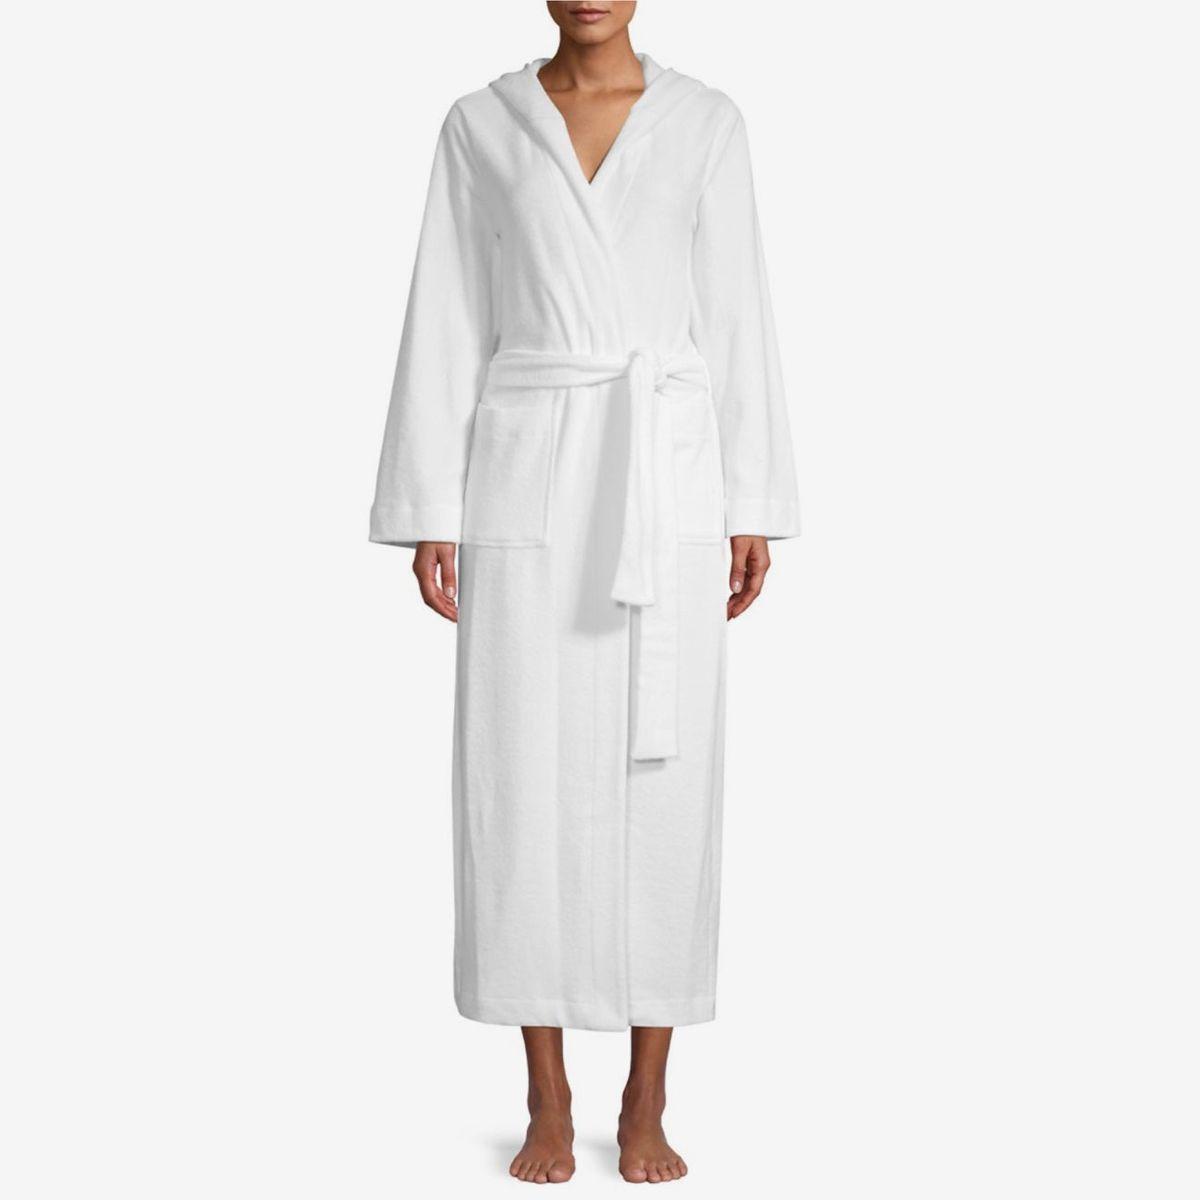 24 Best Bathrobes For Women 2021 The Strategist New York Magazine